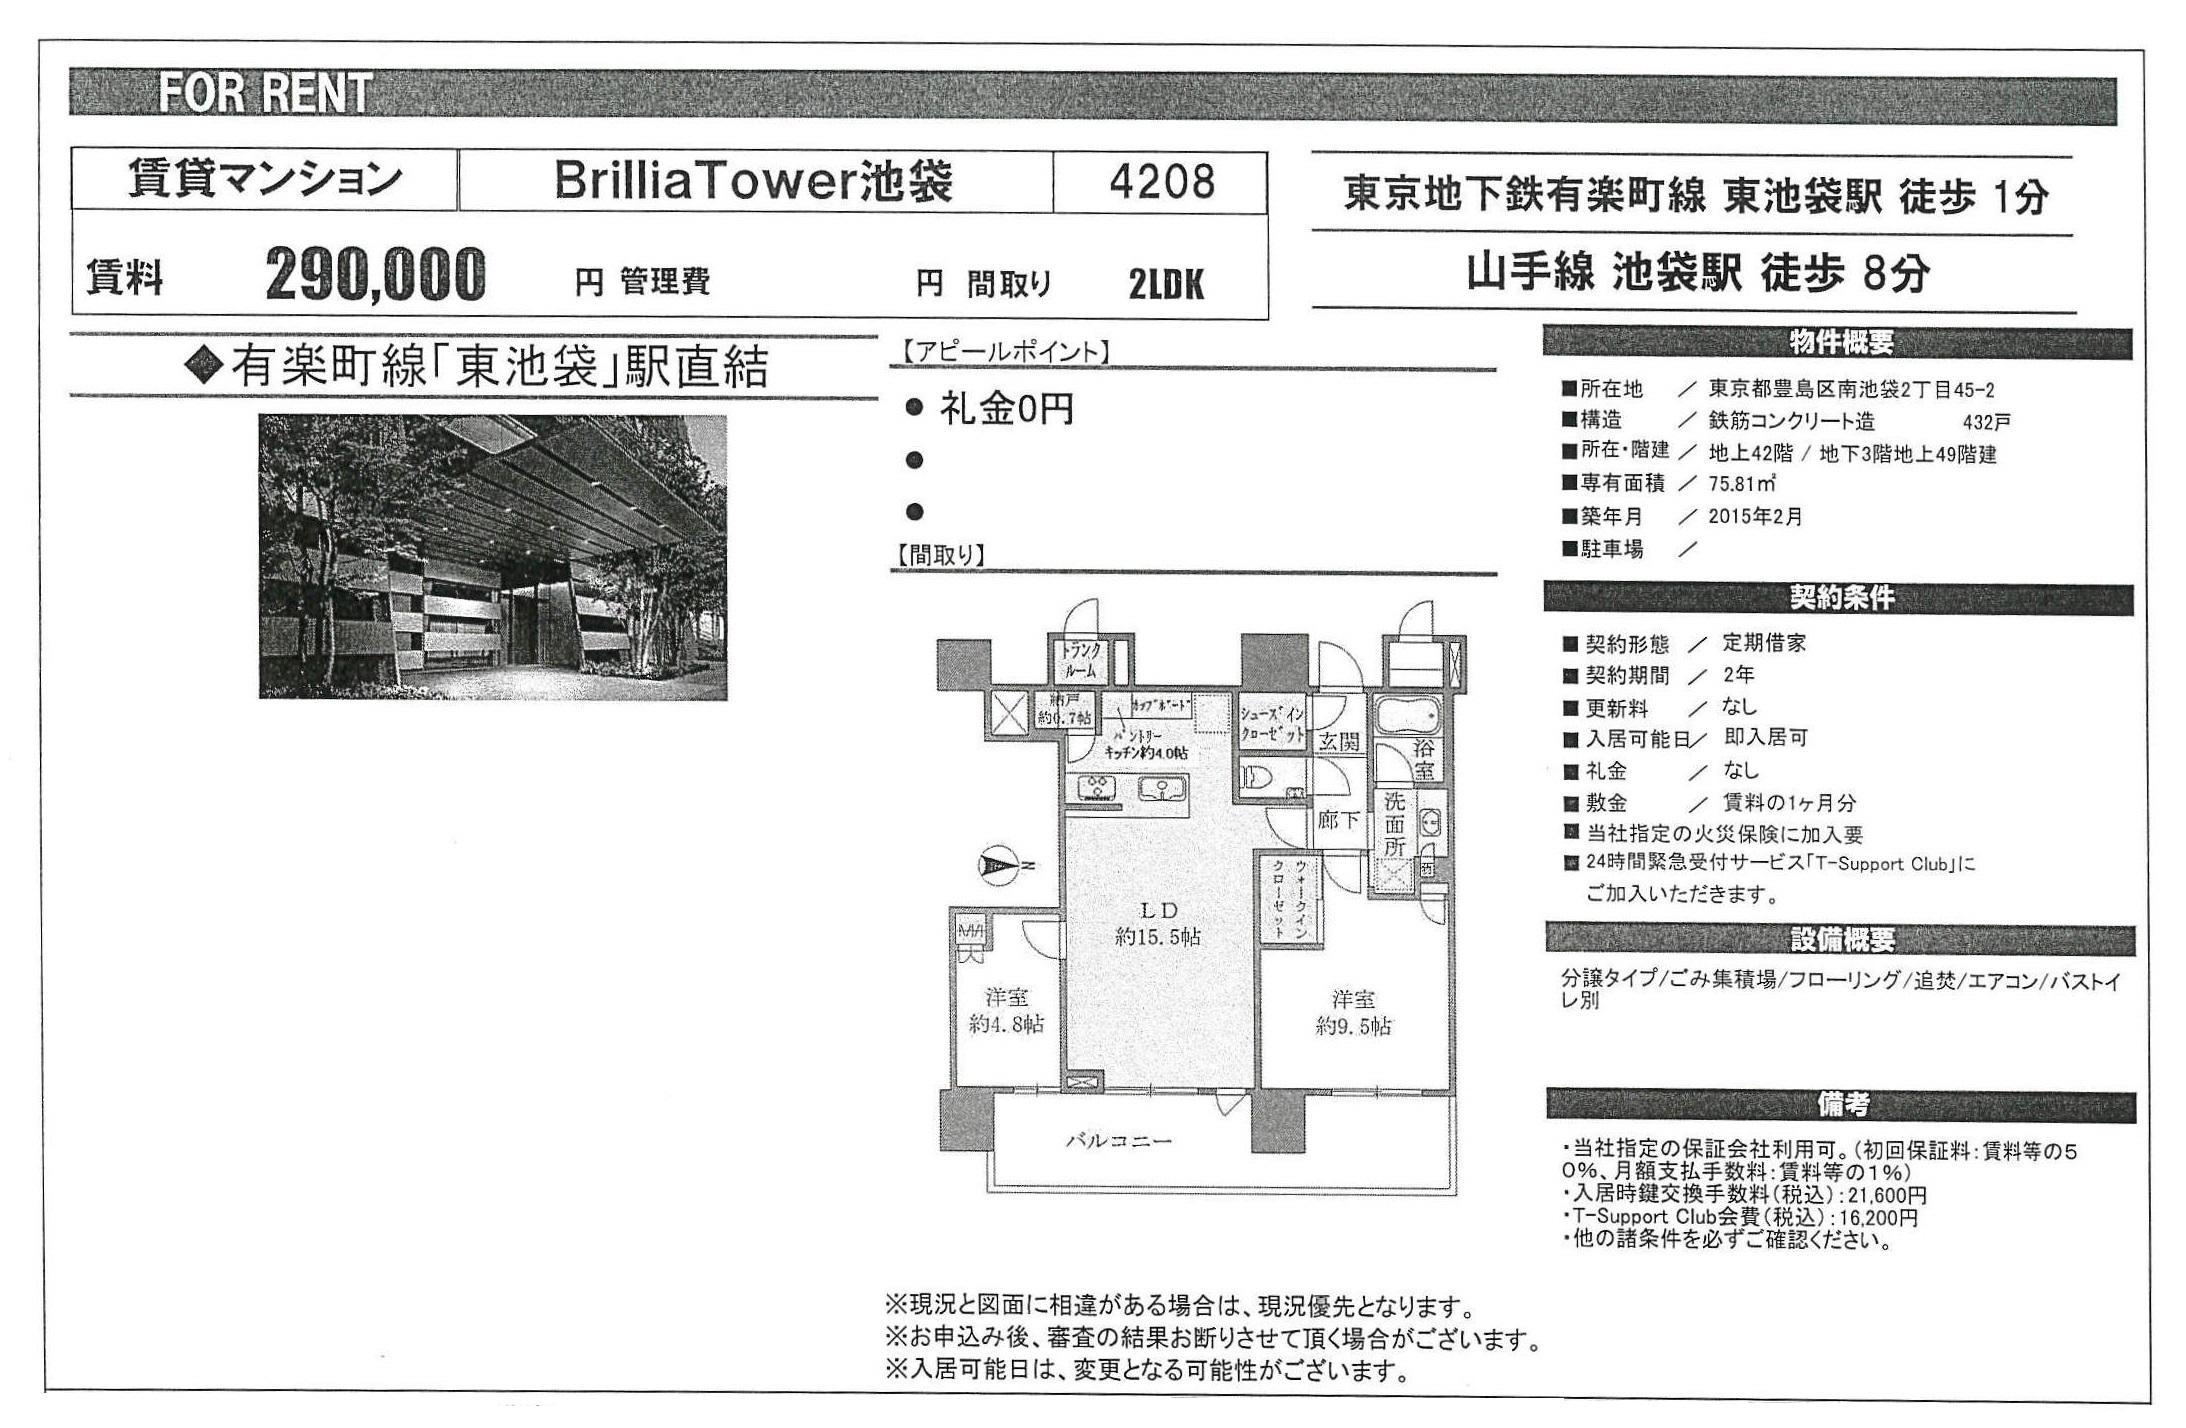 ブリリアタワー池袋図面4208号室